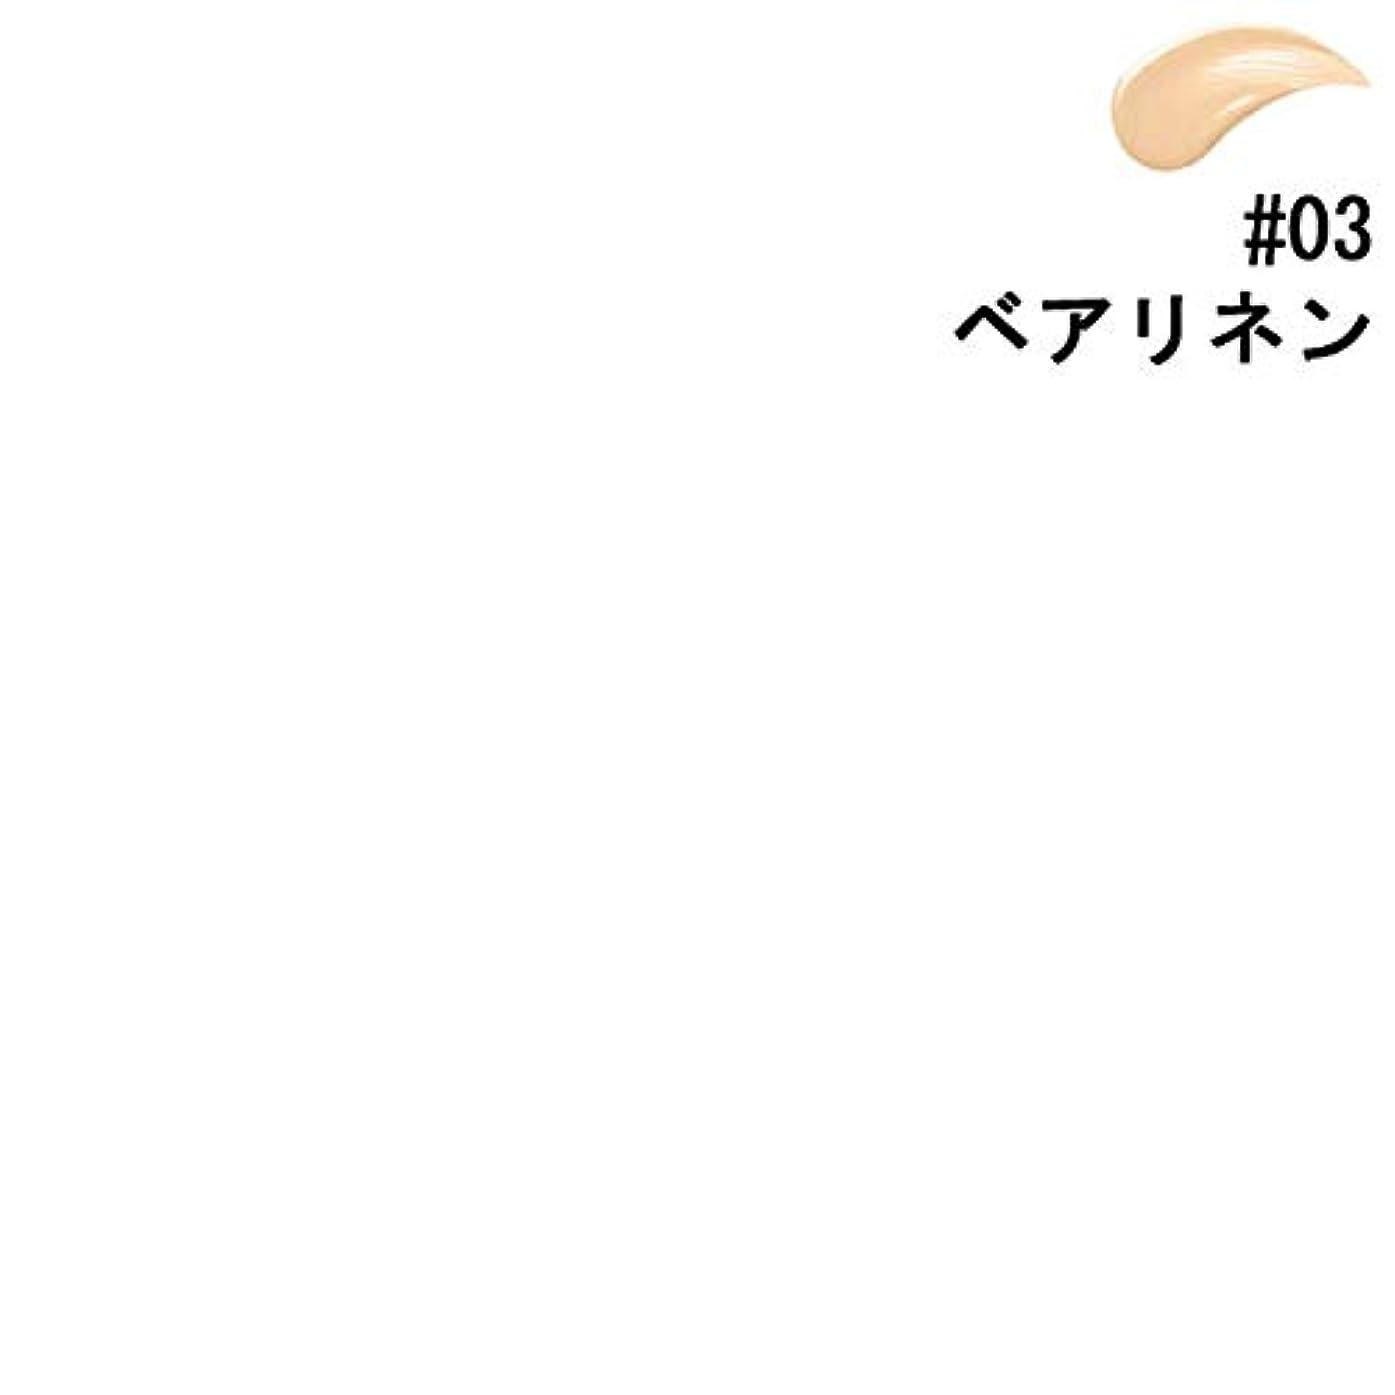 名詞実行十【ベアミネラル】ベアミネラル ベア ファンデーション #03 ベアリネン 30ml [並行輸入品]